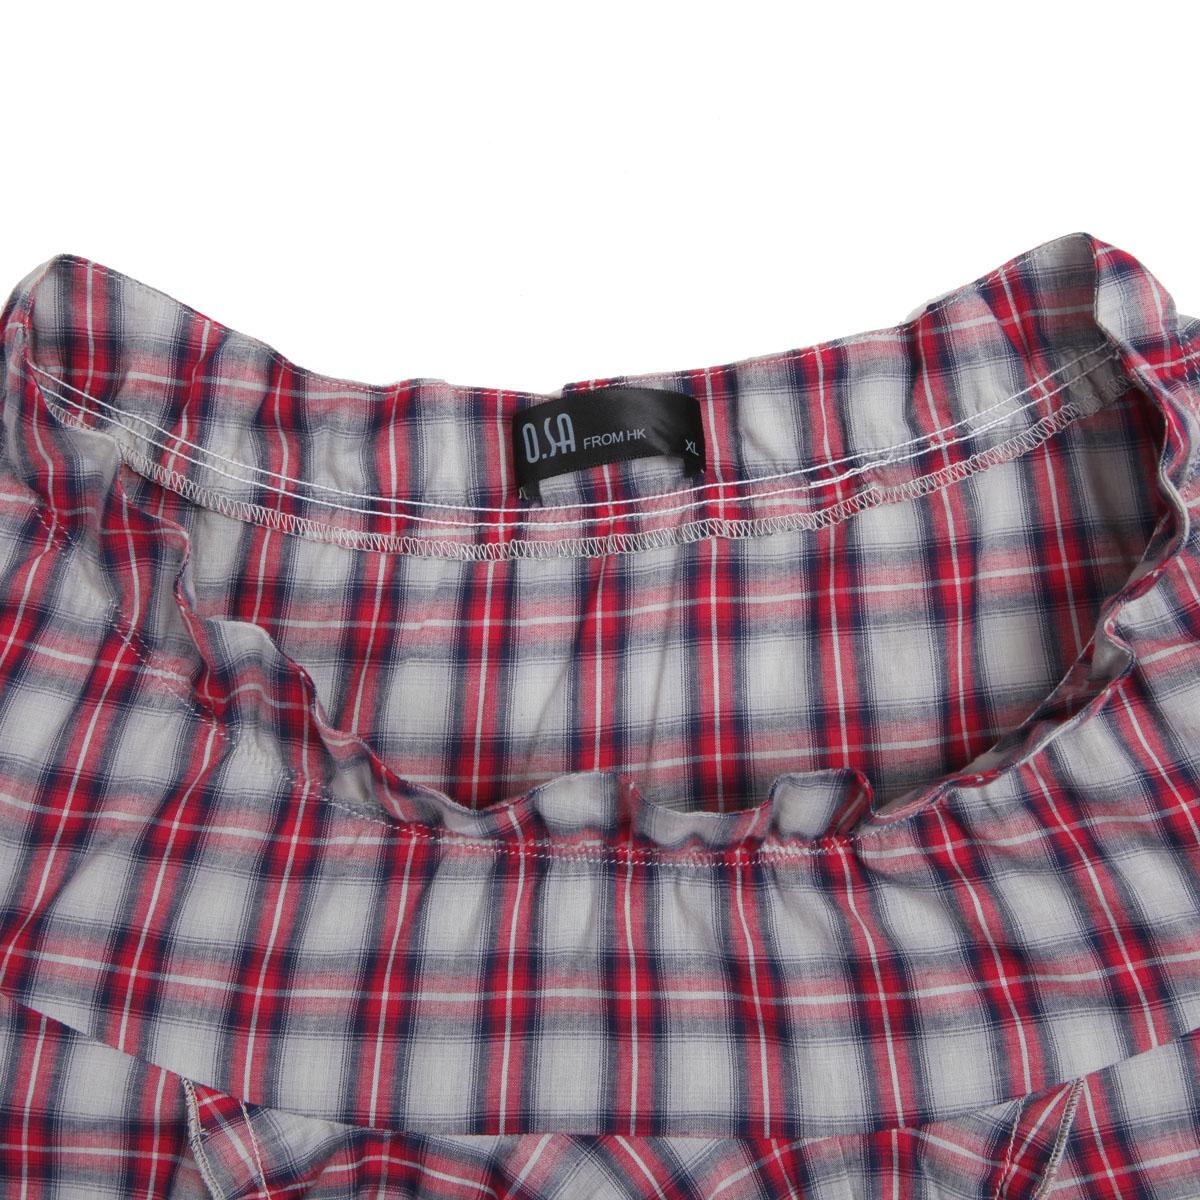 женская рубашка OSA sc10316 O.SA2011 Casual Короткий рукав В клетку Оборка Закругленный вырез